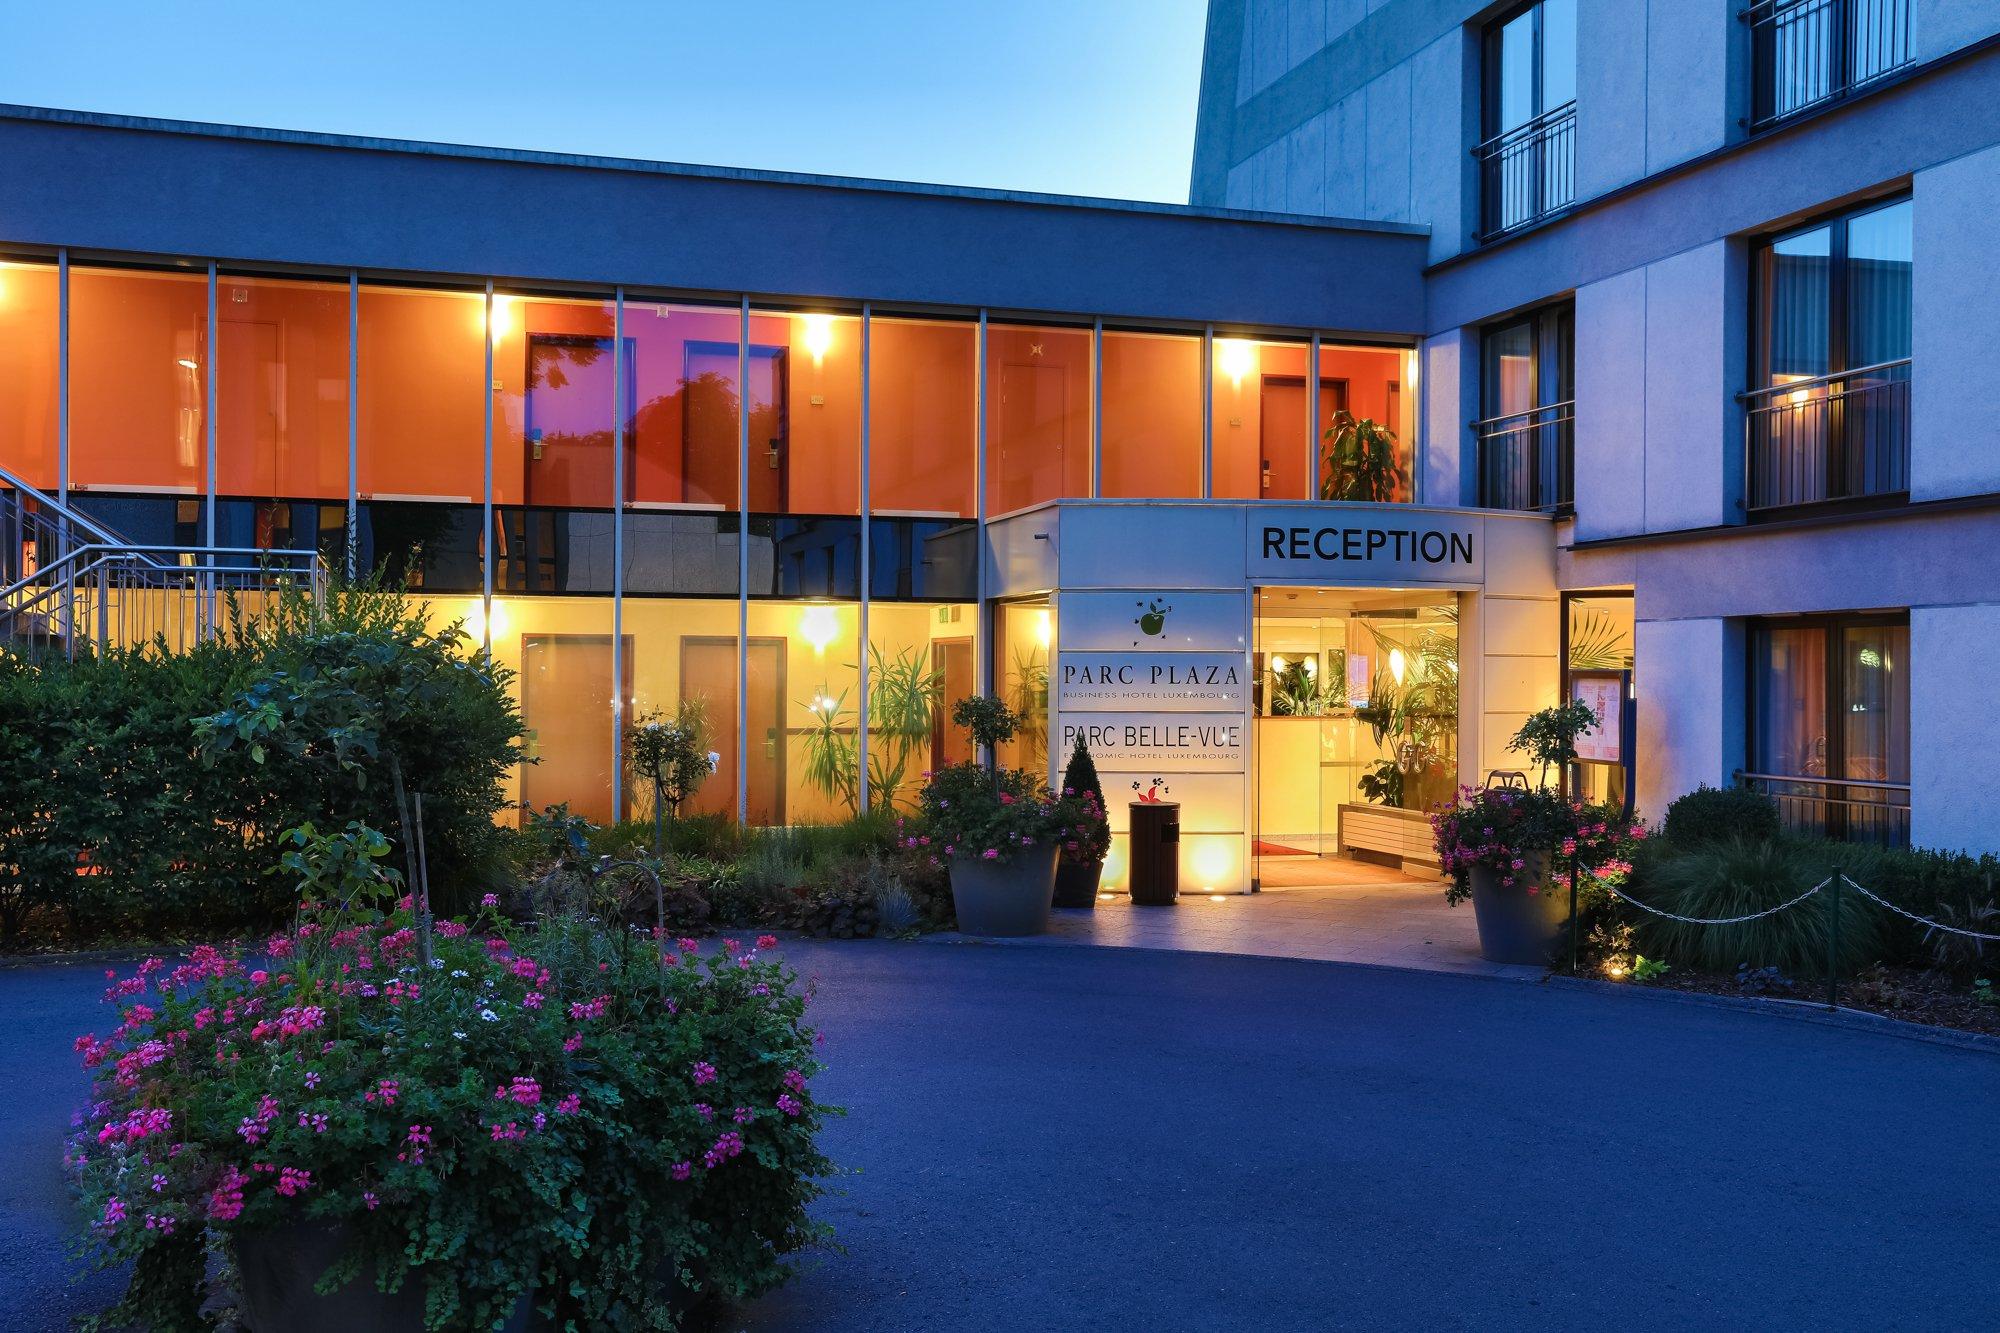 Hotel Parc Plaza - Hotel Parc Belle-Vue